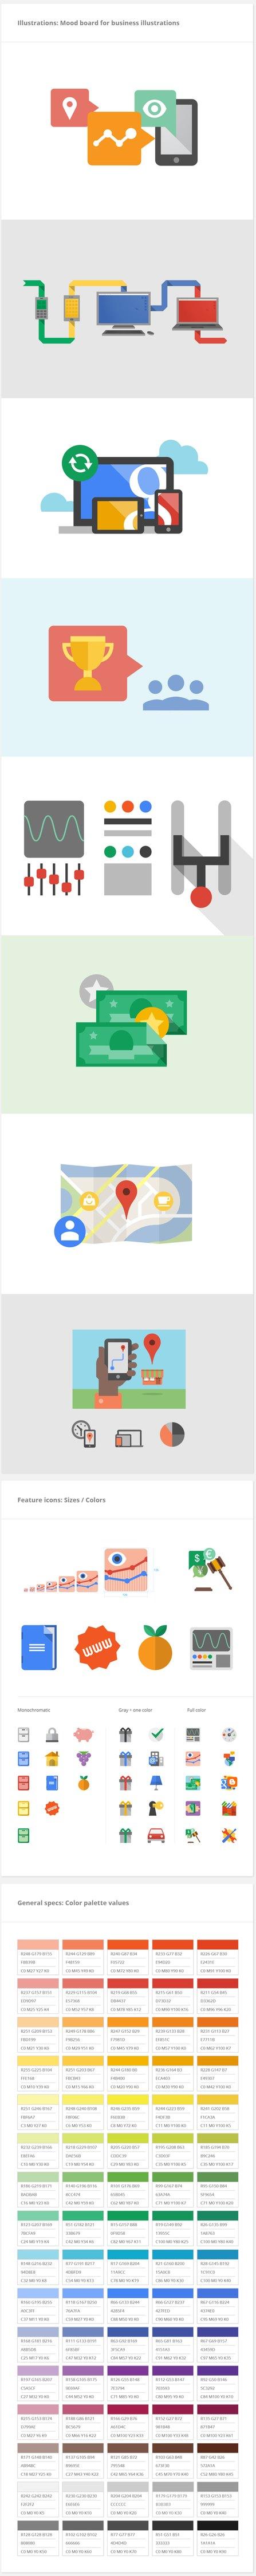 Обнародованы принципы дизайна Google. Изображение № 1.